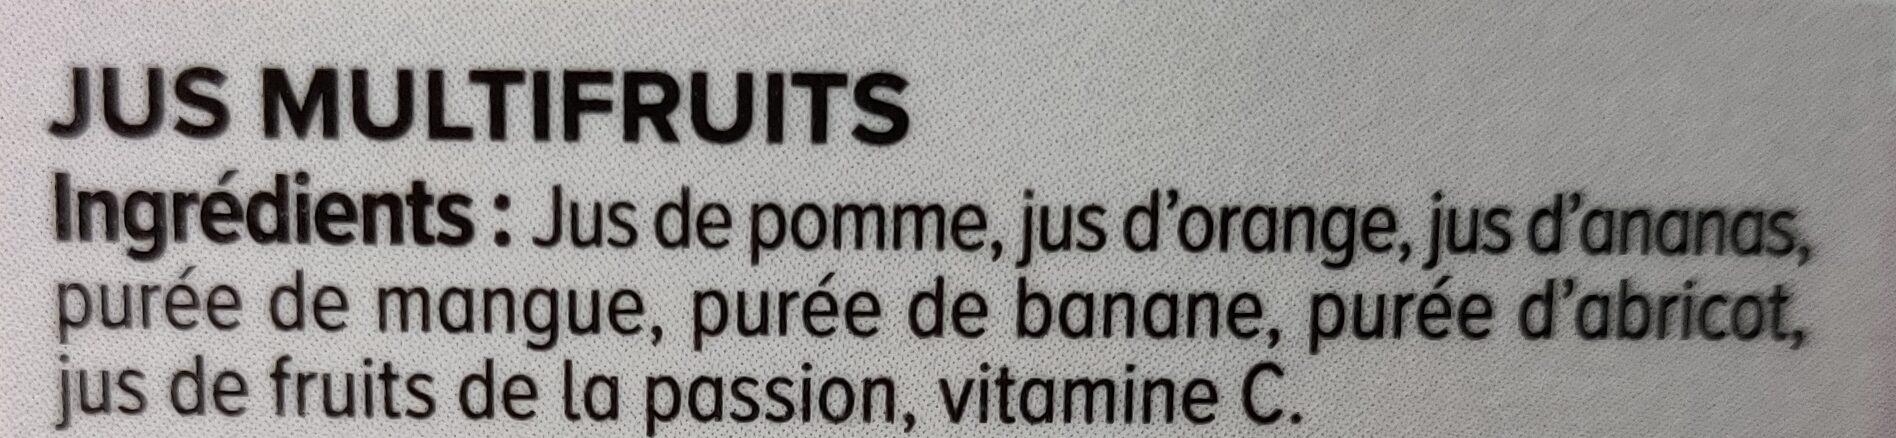 Pur jus pressé multifruits - Ingrédients - fr